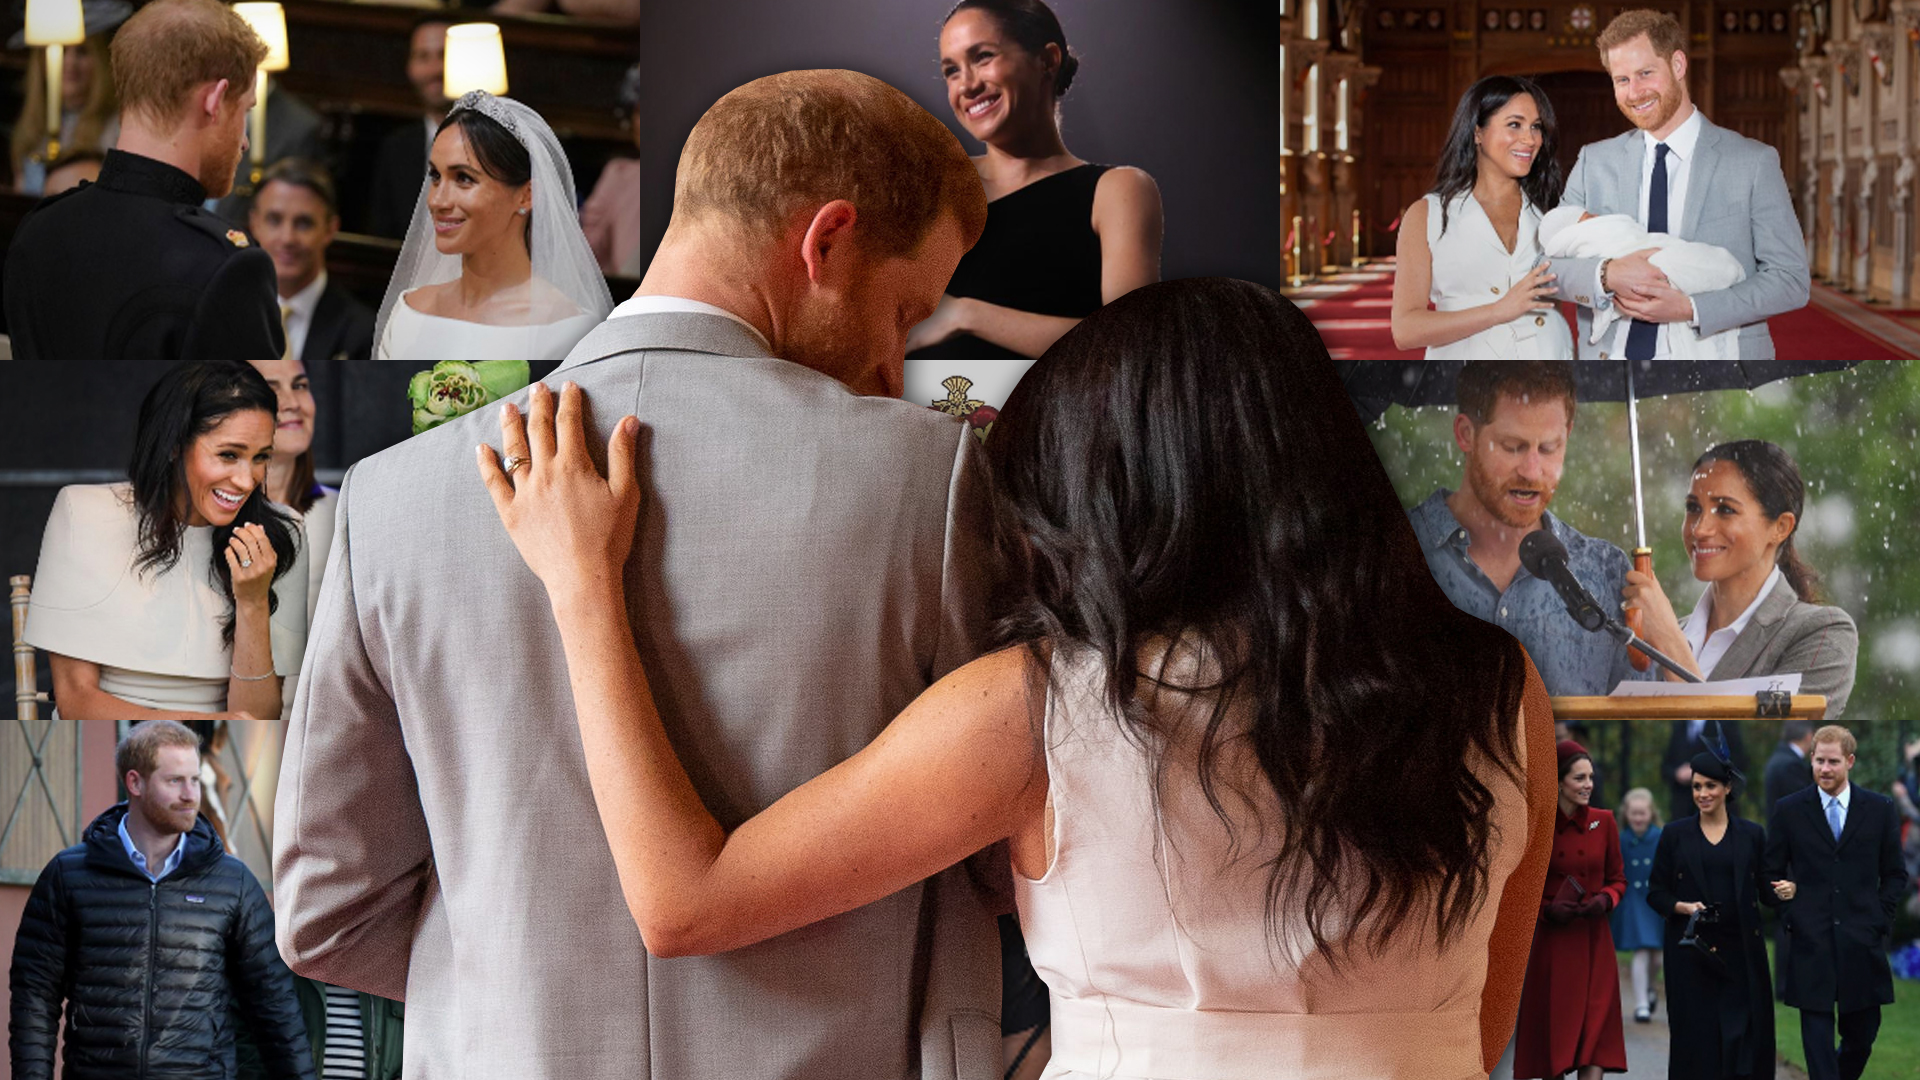 """Del """"sí acepto"""" al bebé Archie: en fotos, el primer año de casados de Meghan Markle y el príncipe Harry"""